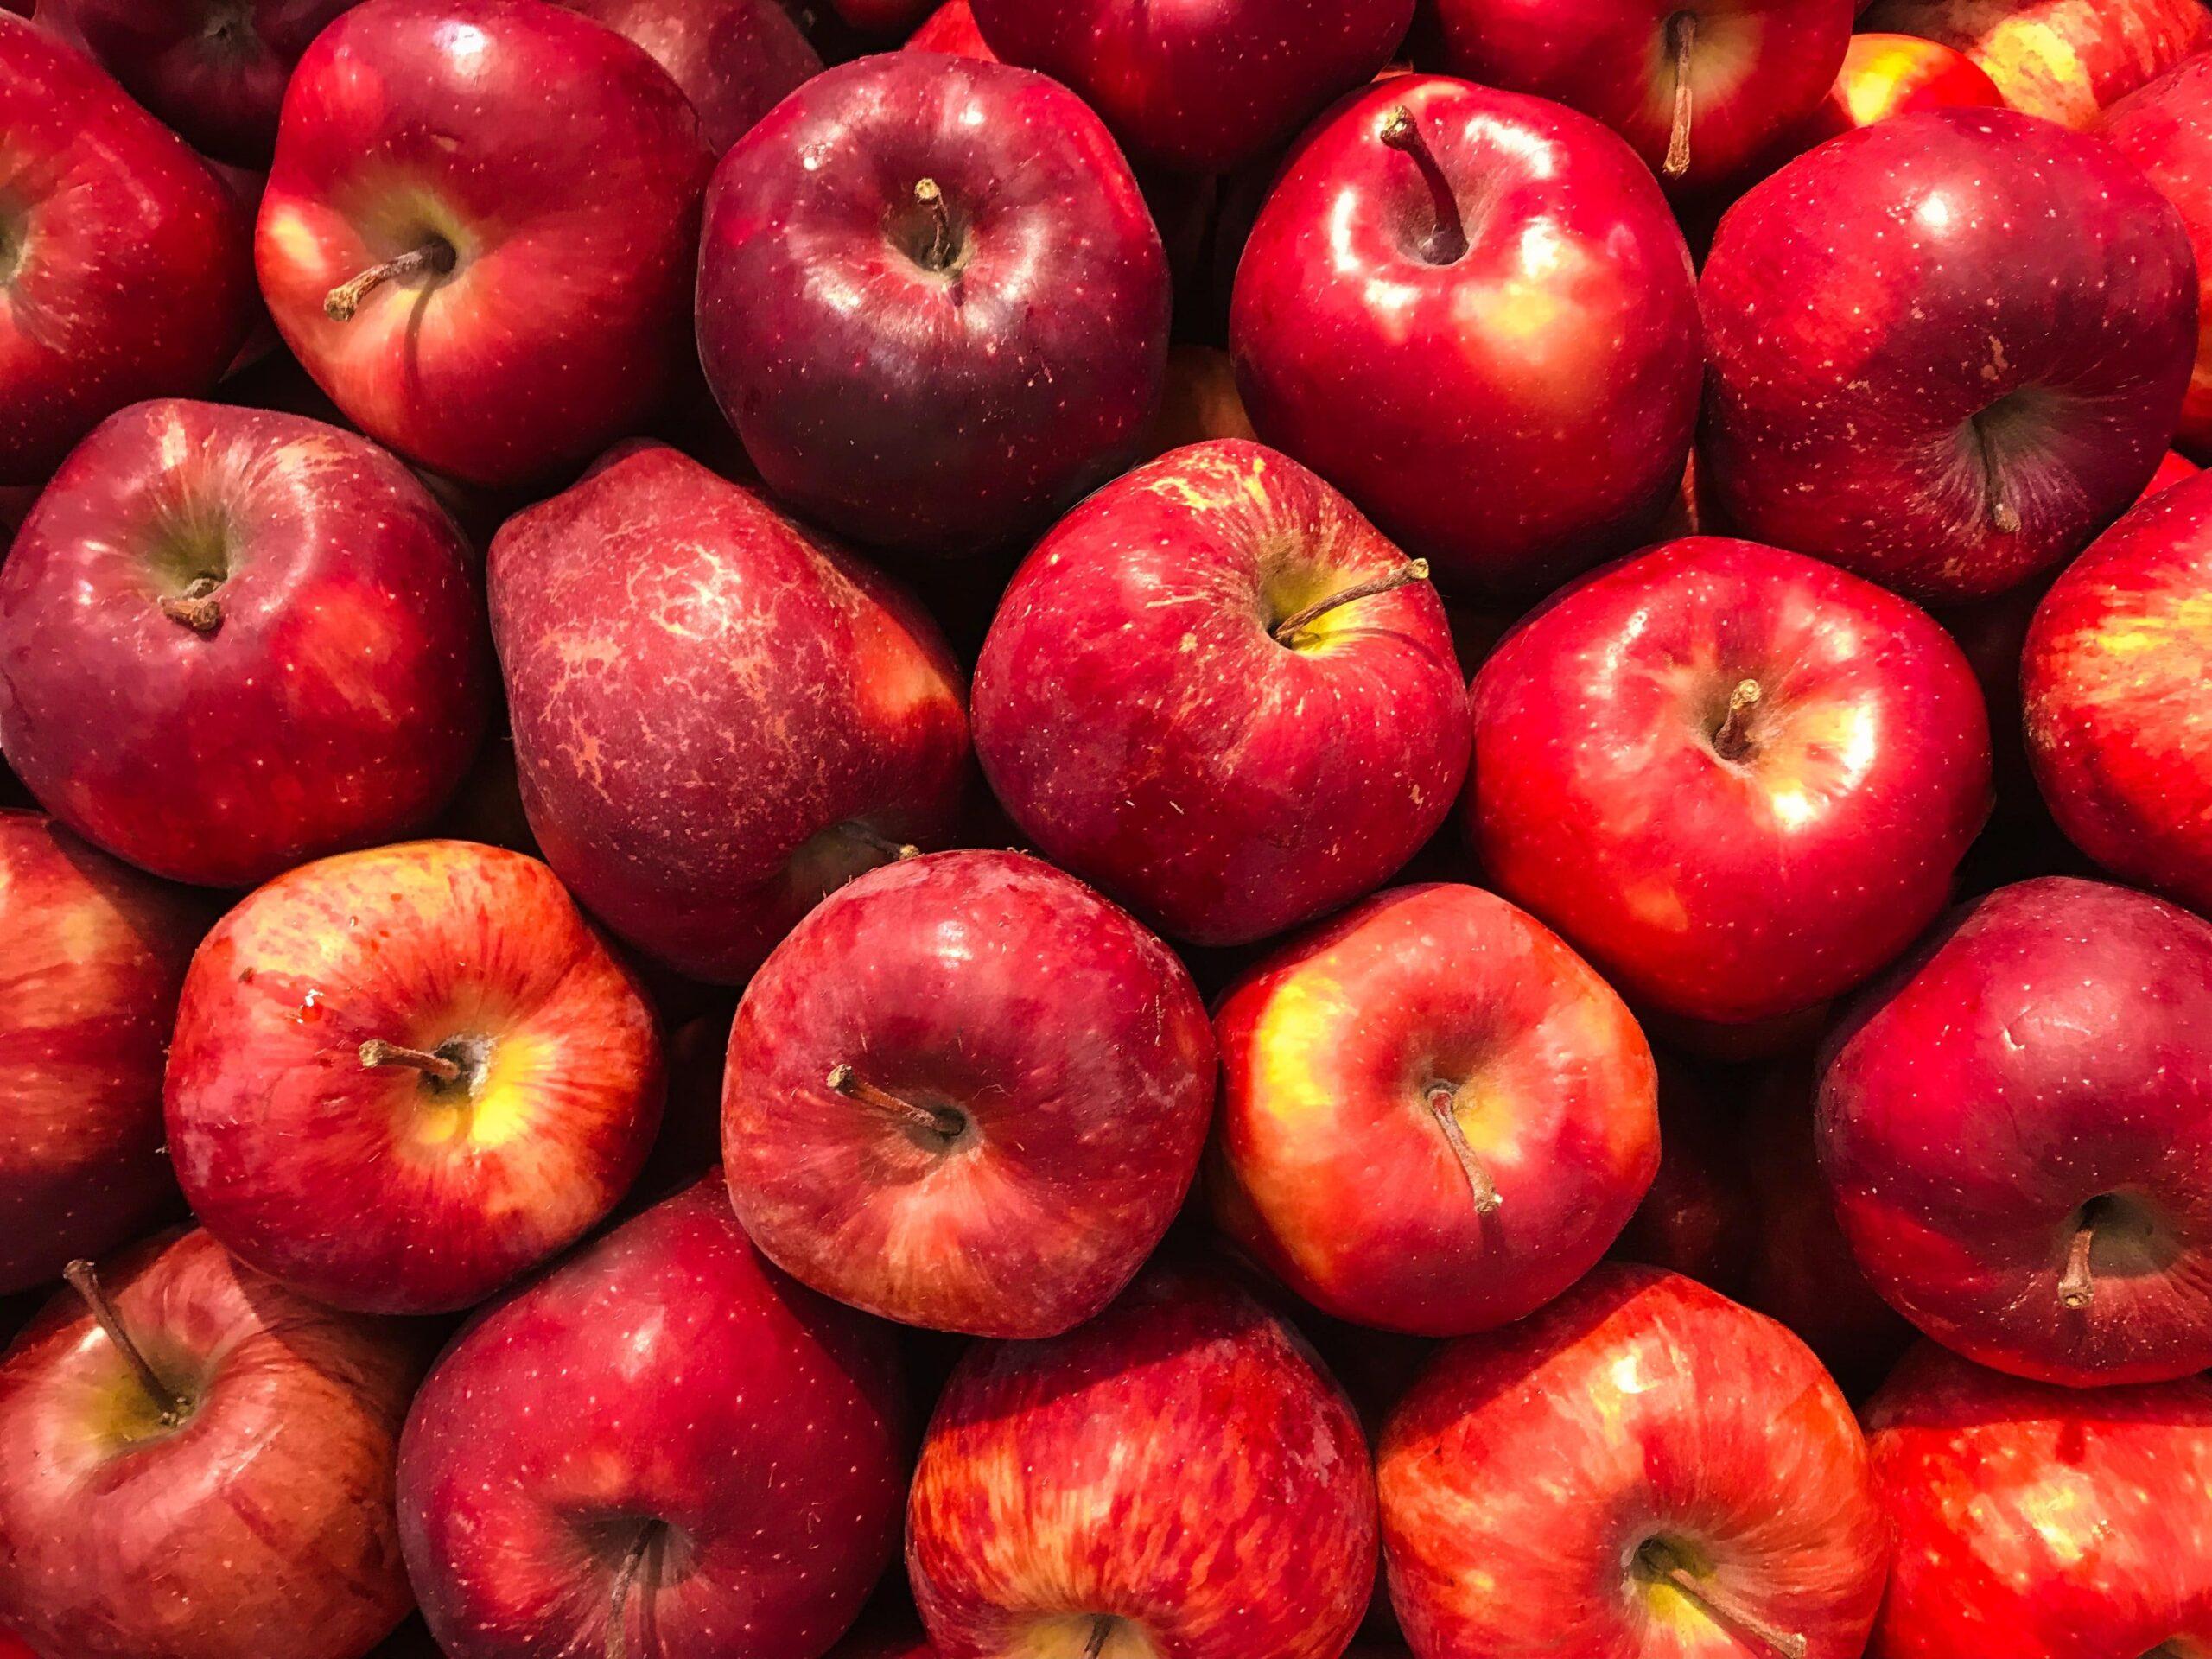 интересные факты о яблоке фото вас бог